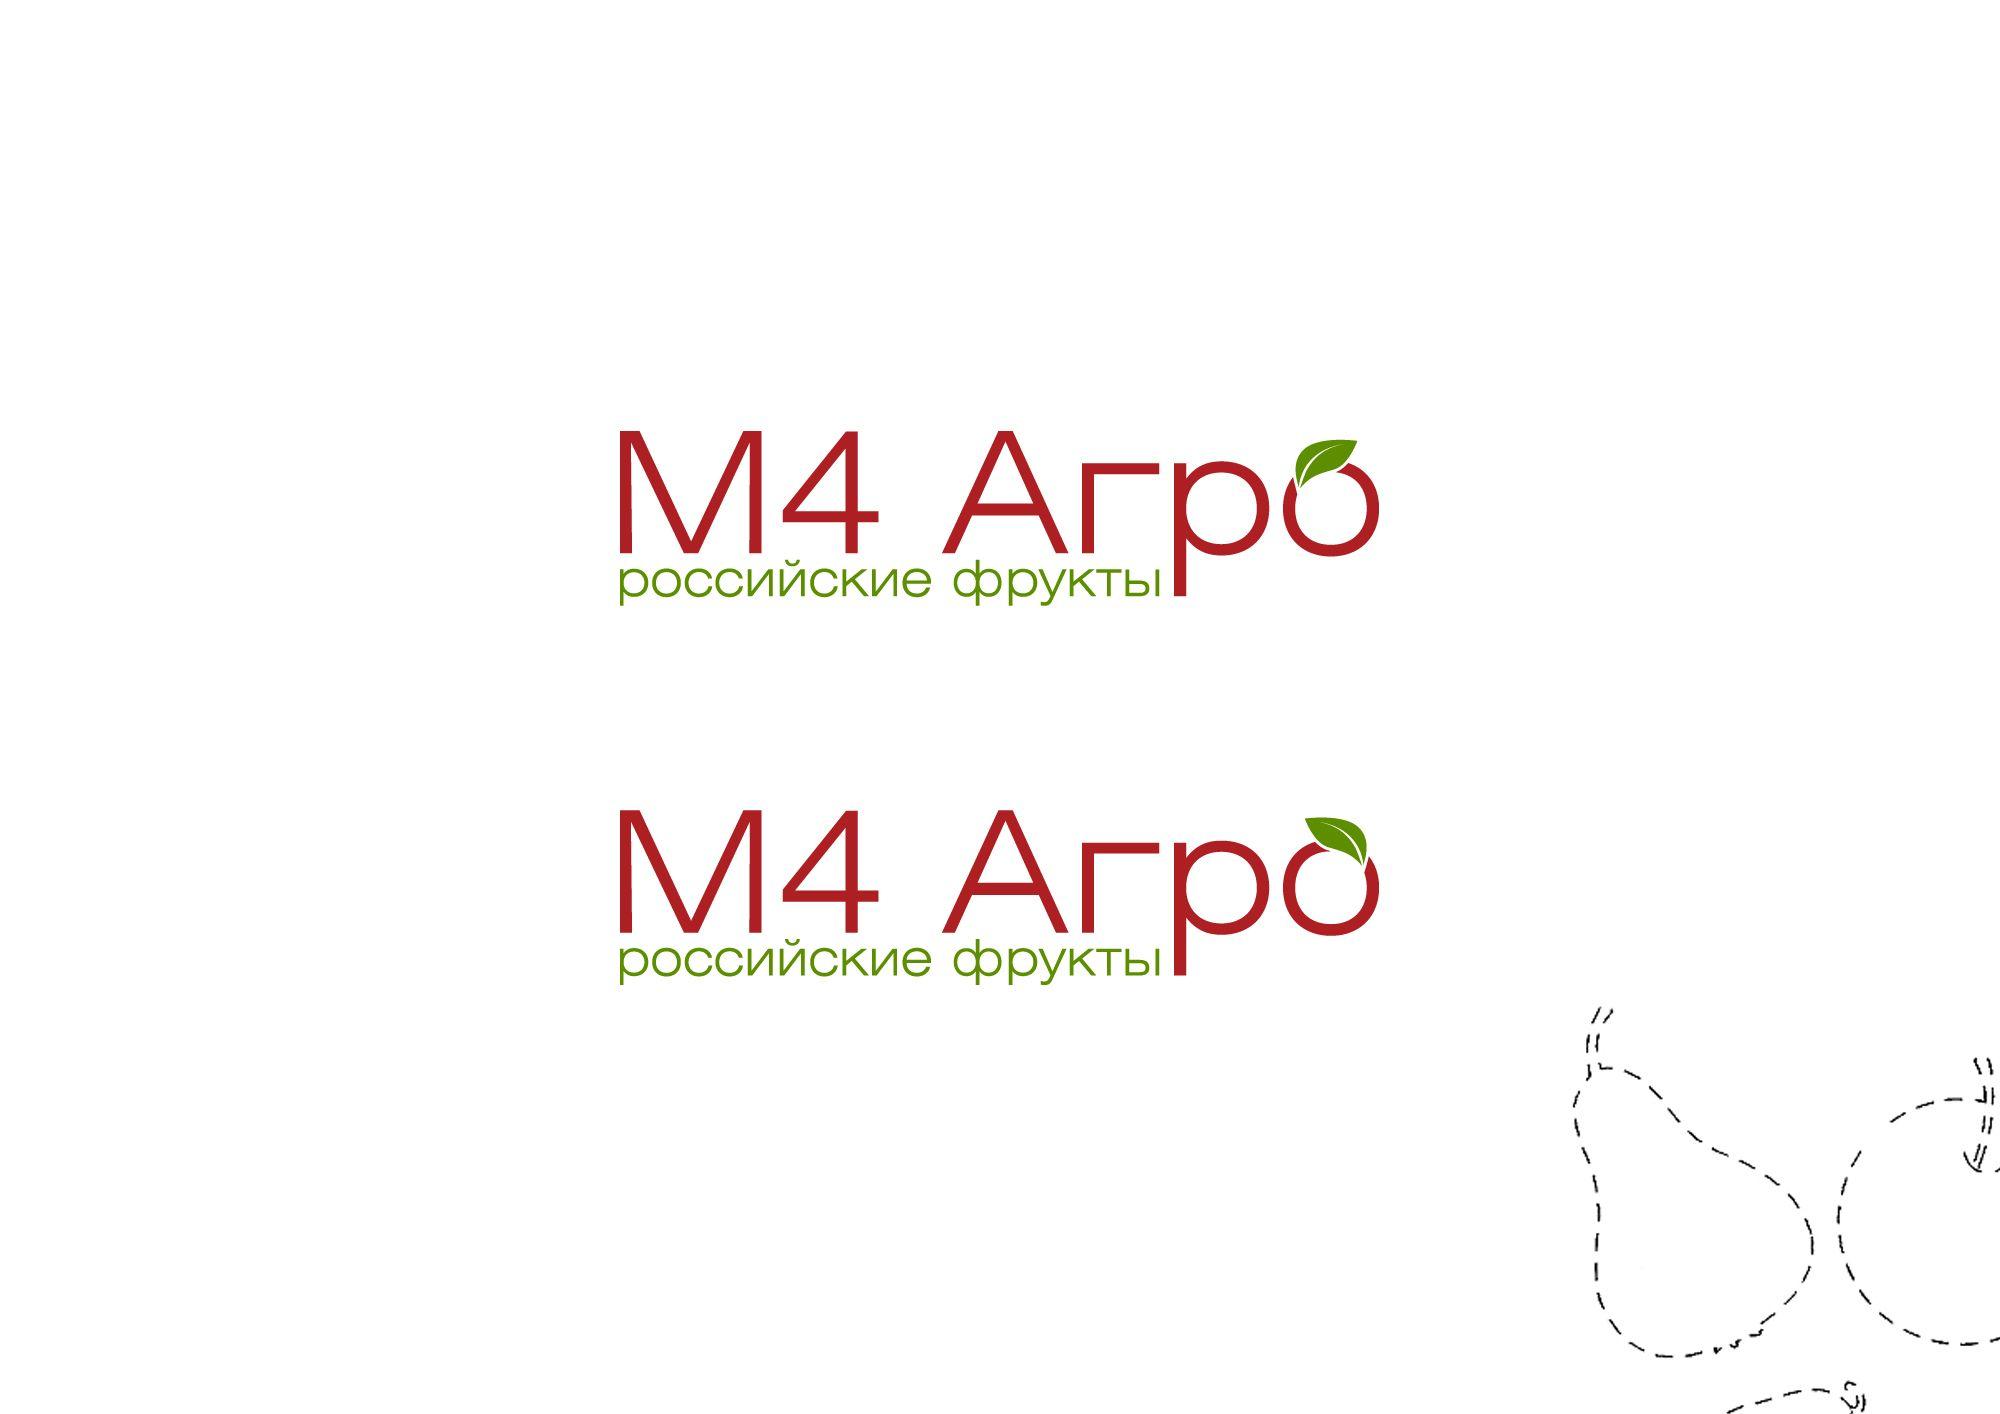 Логотип для M4 АГРО - Российские фрукты - дизайнер che89